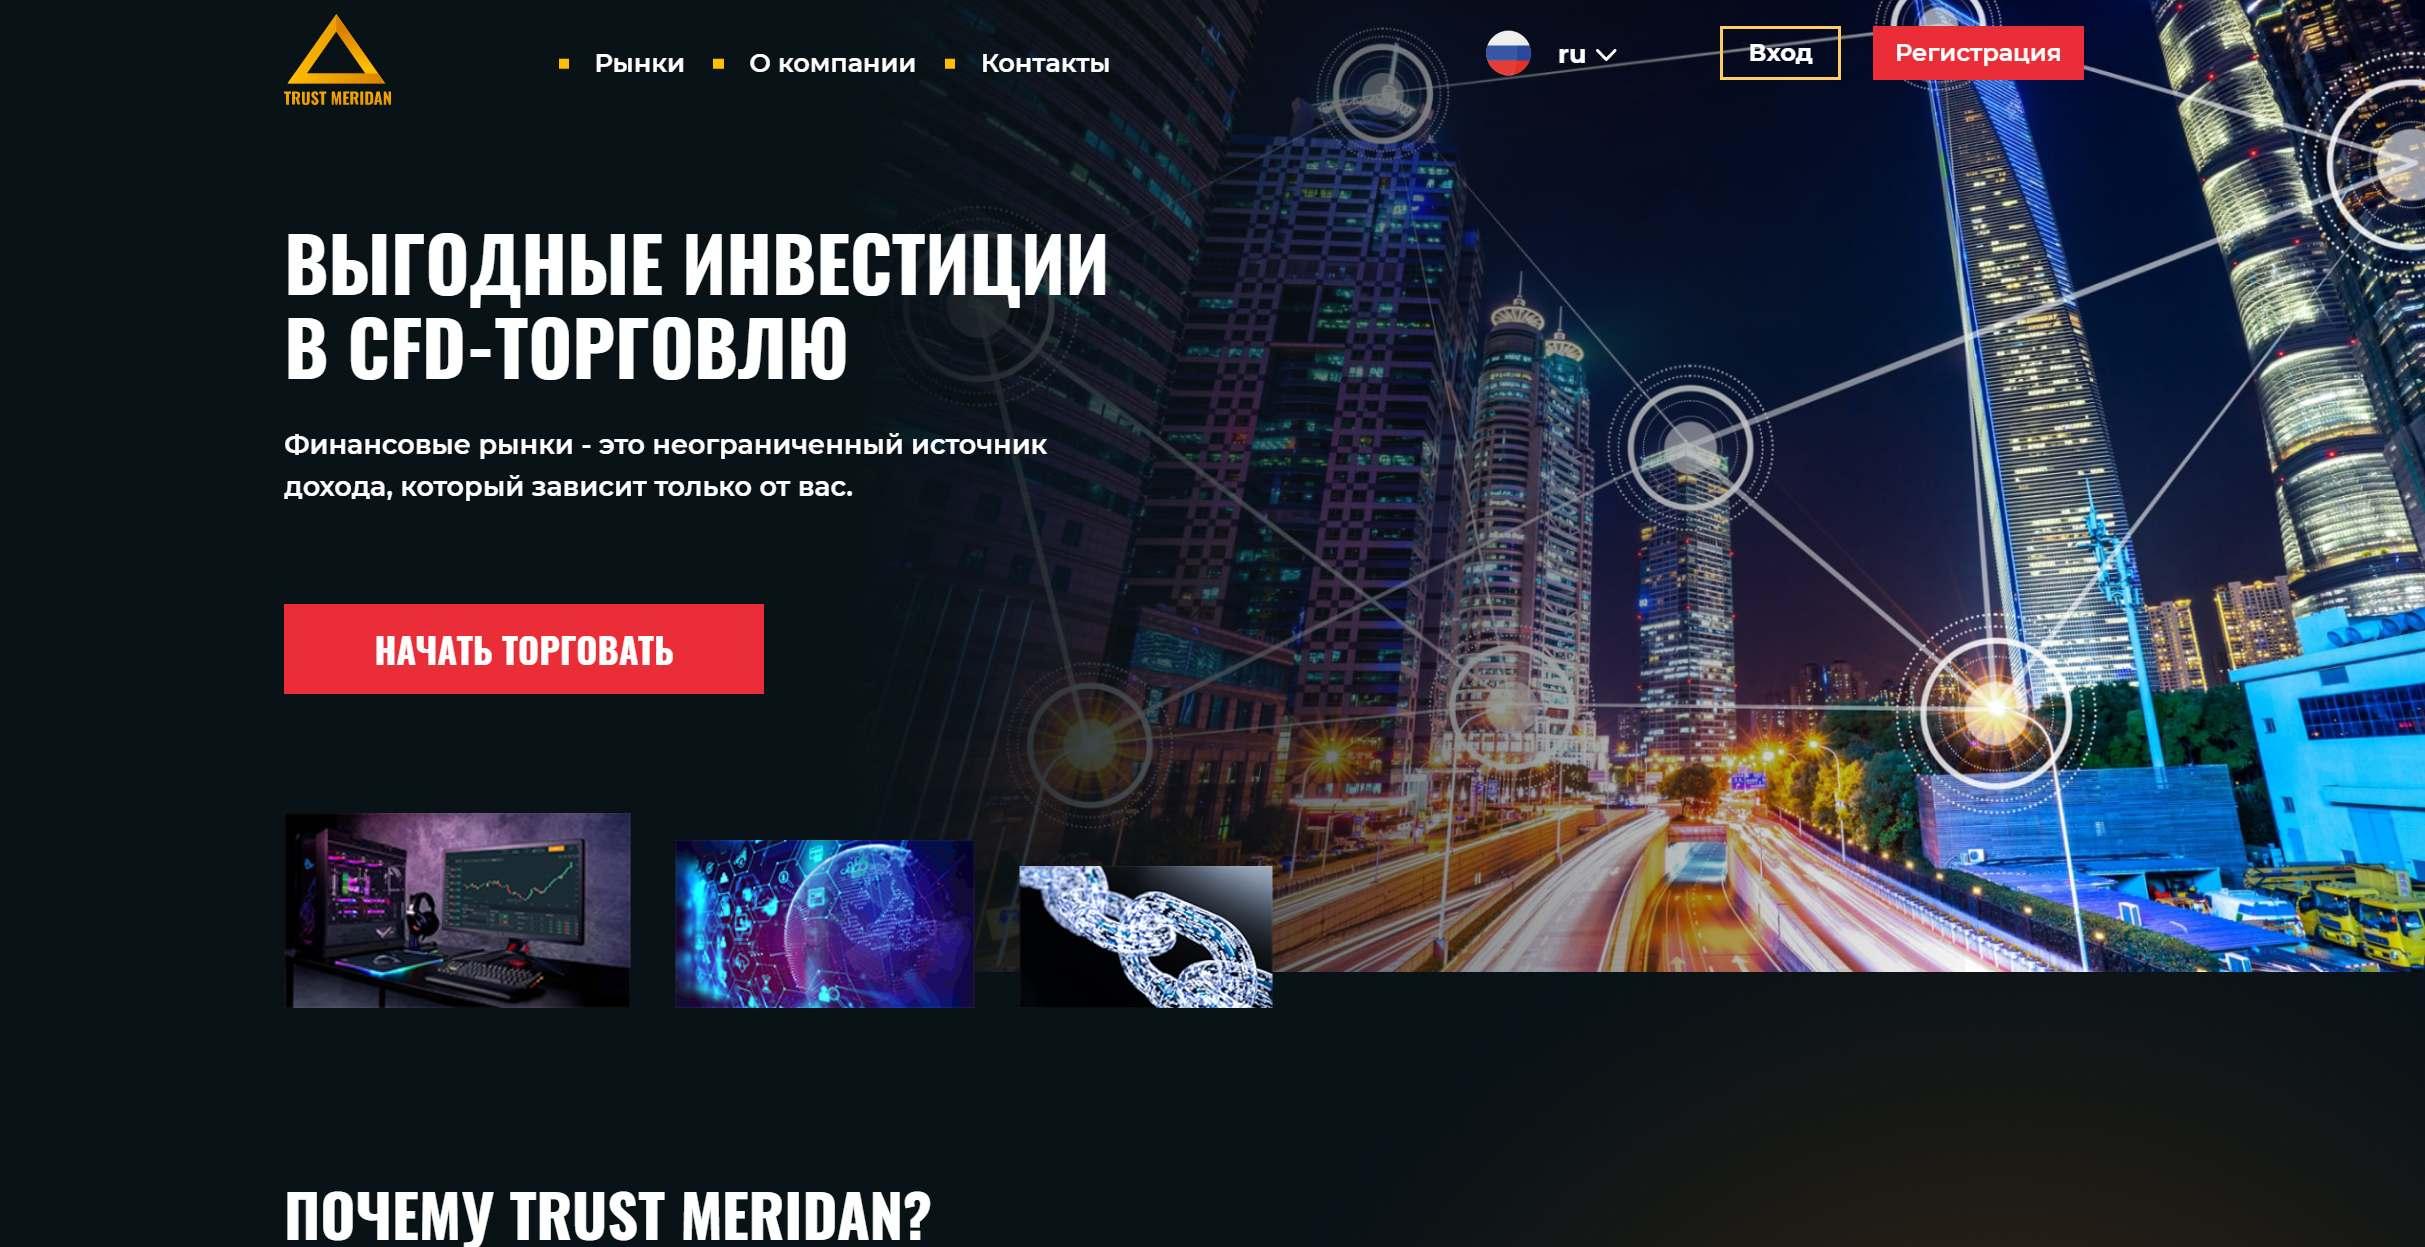 Псевдоброкер Trust Meridian. Обзор и отзывы на мутный проект.